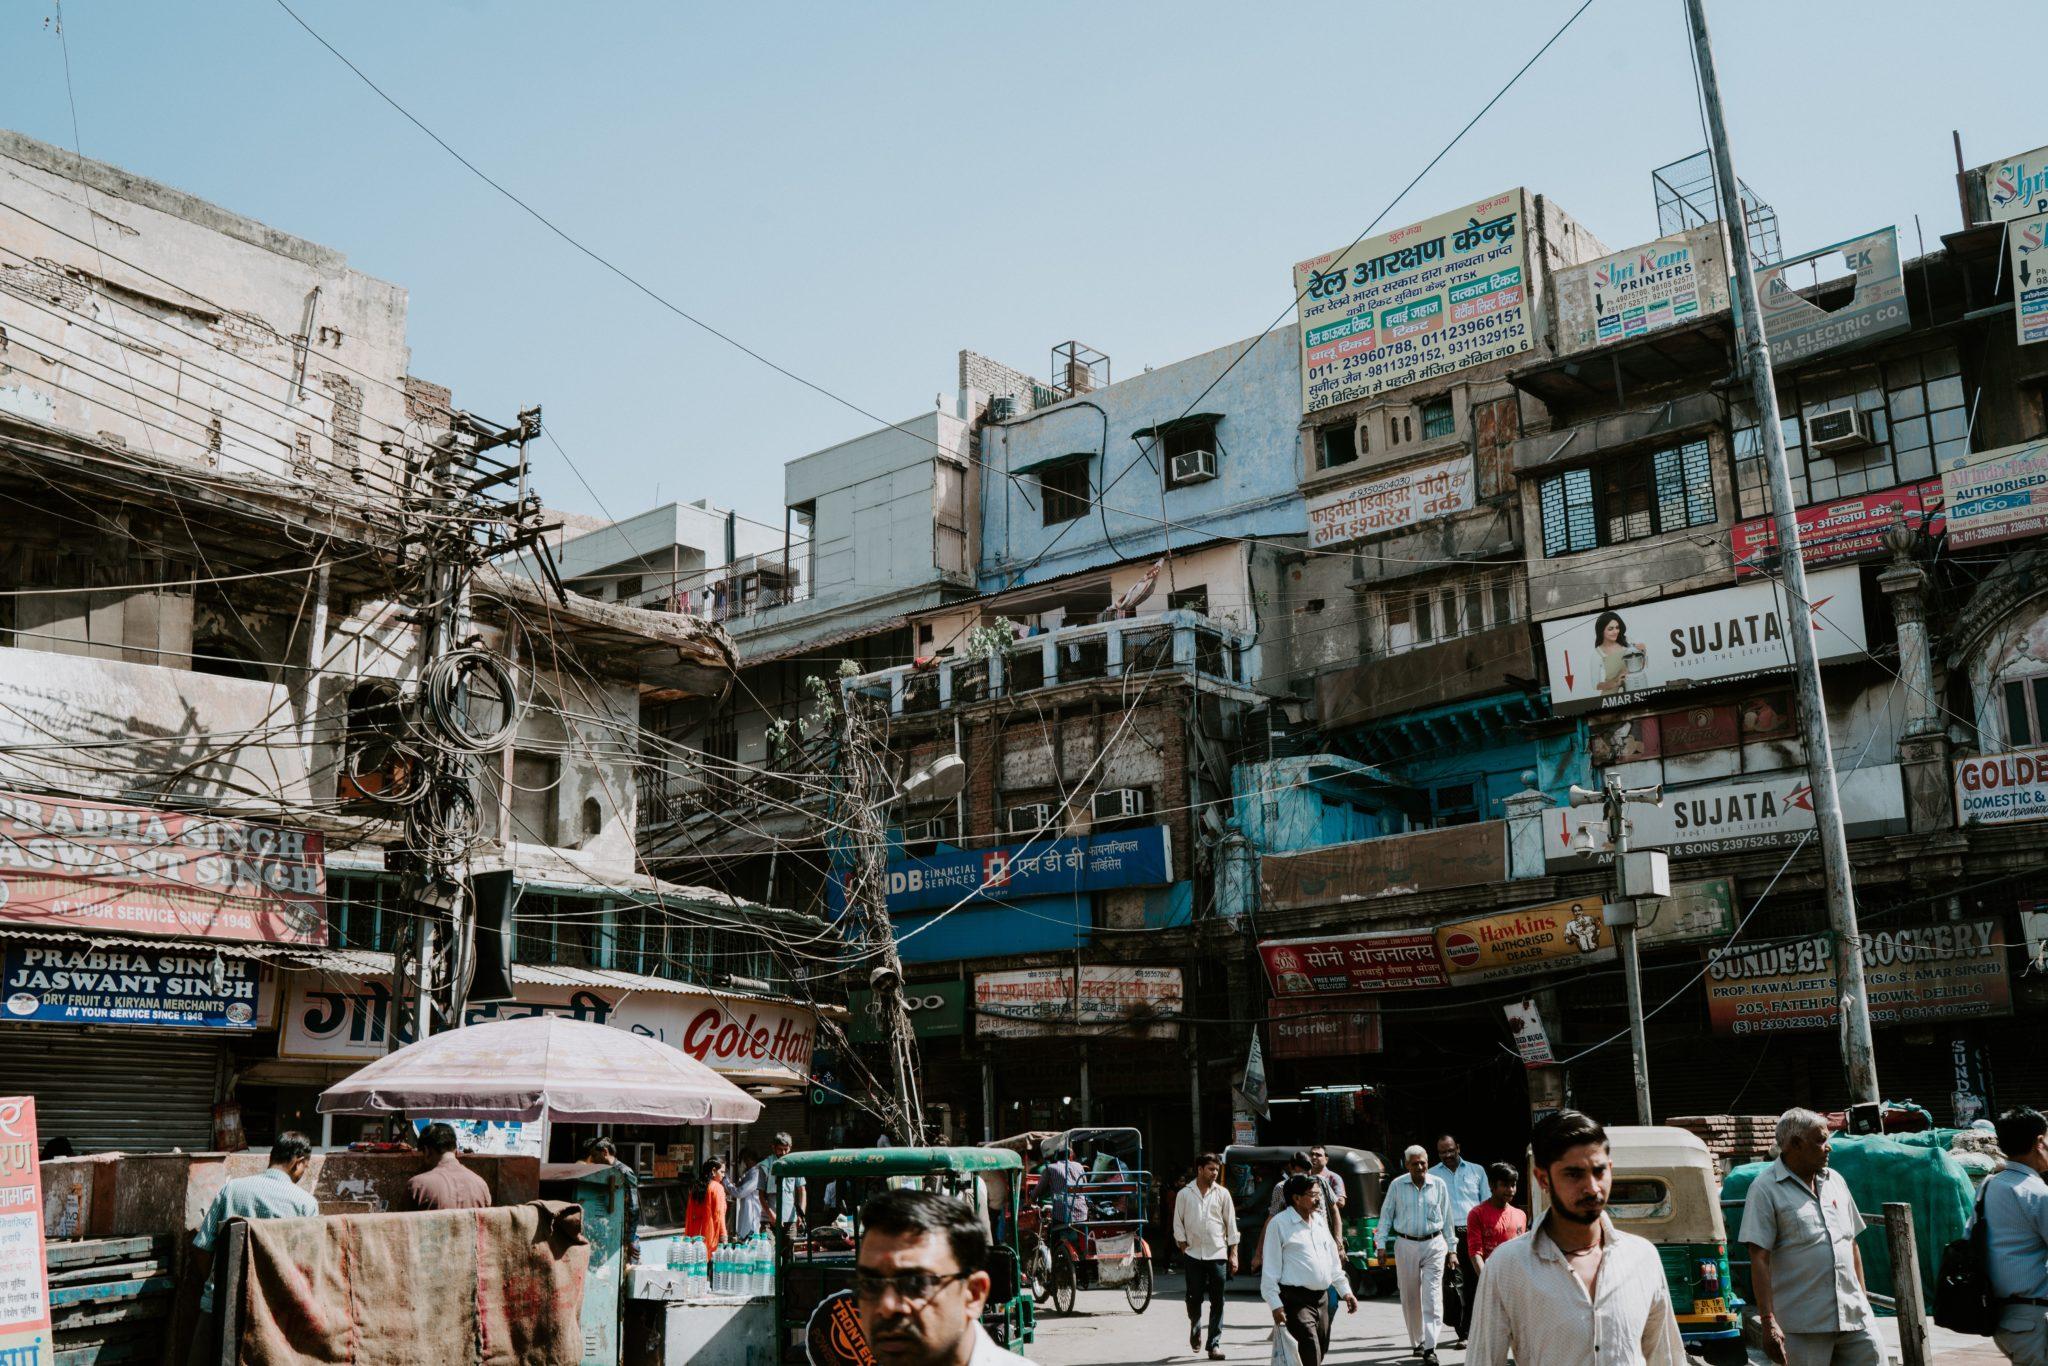 Como cidades indianas sofrem com o zoneamento